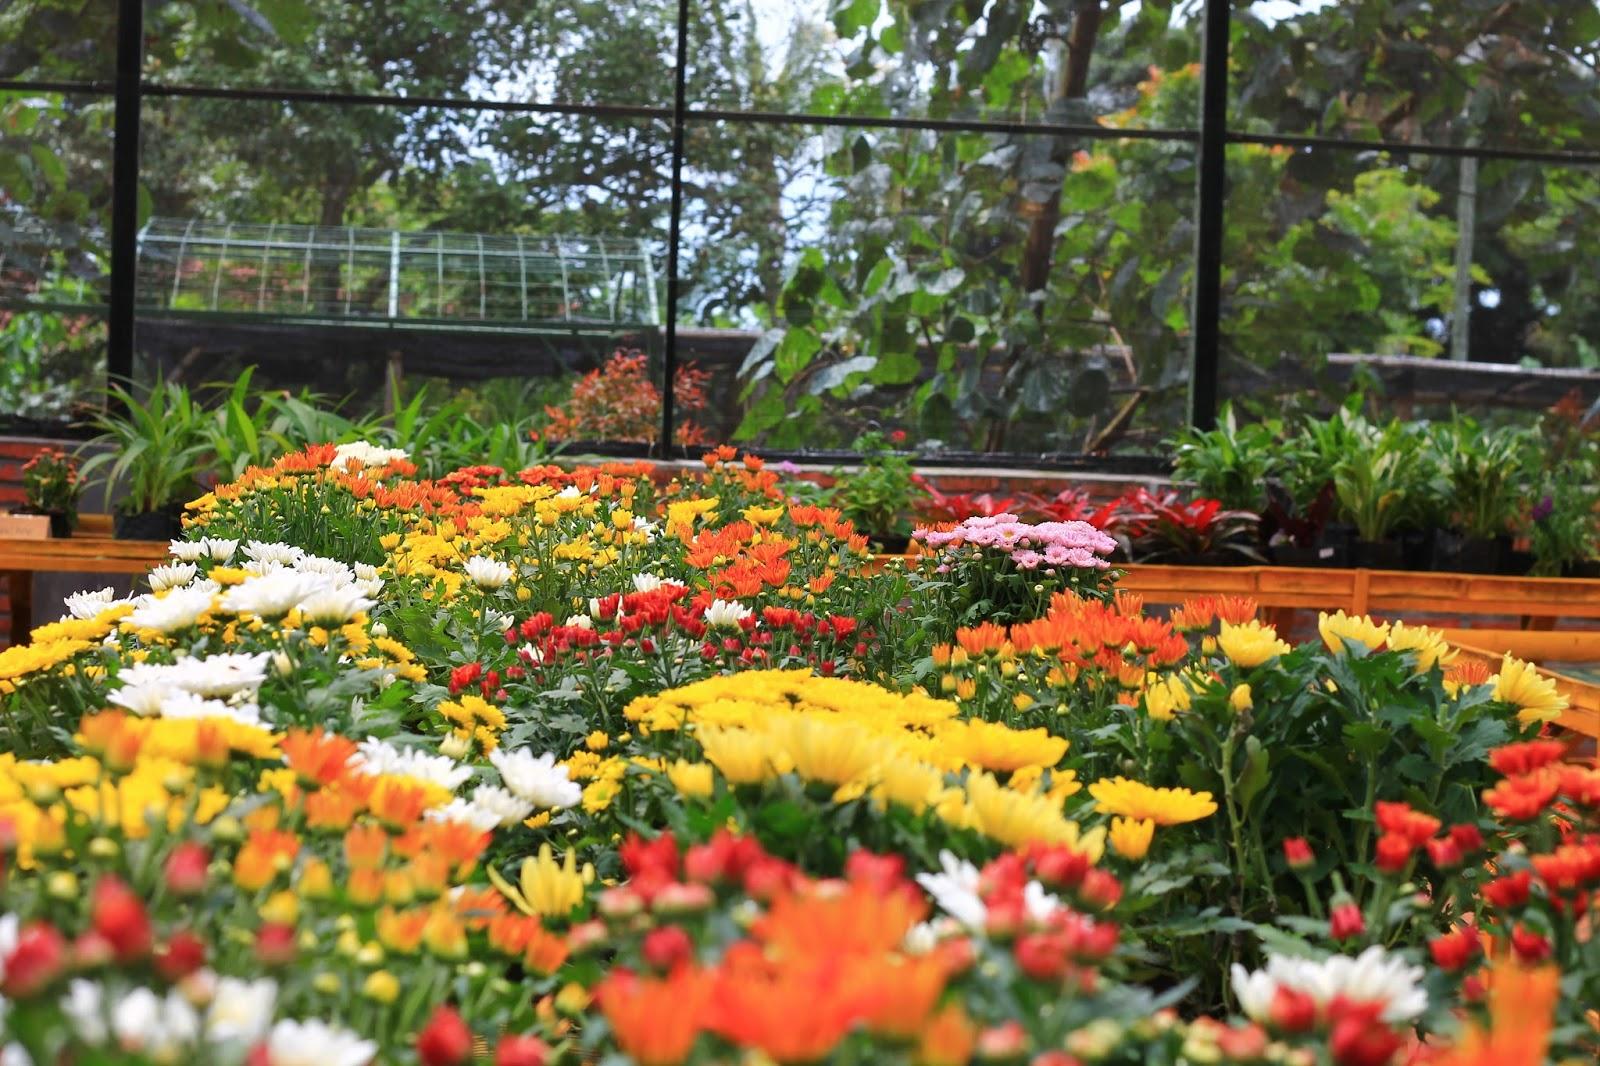 Cantiknya Warna Warni Bunga Wisata Kampoeng Anggrek Kediri Kampung Sendiri